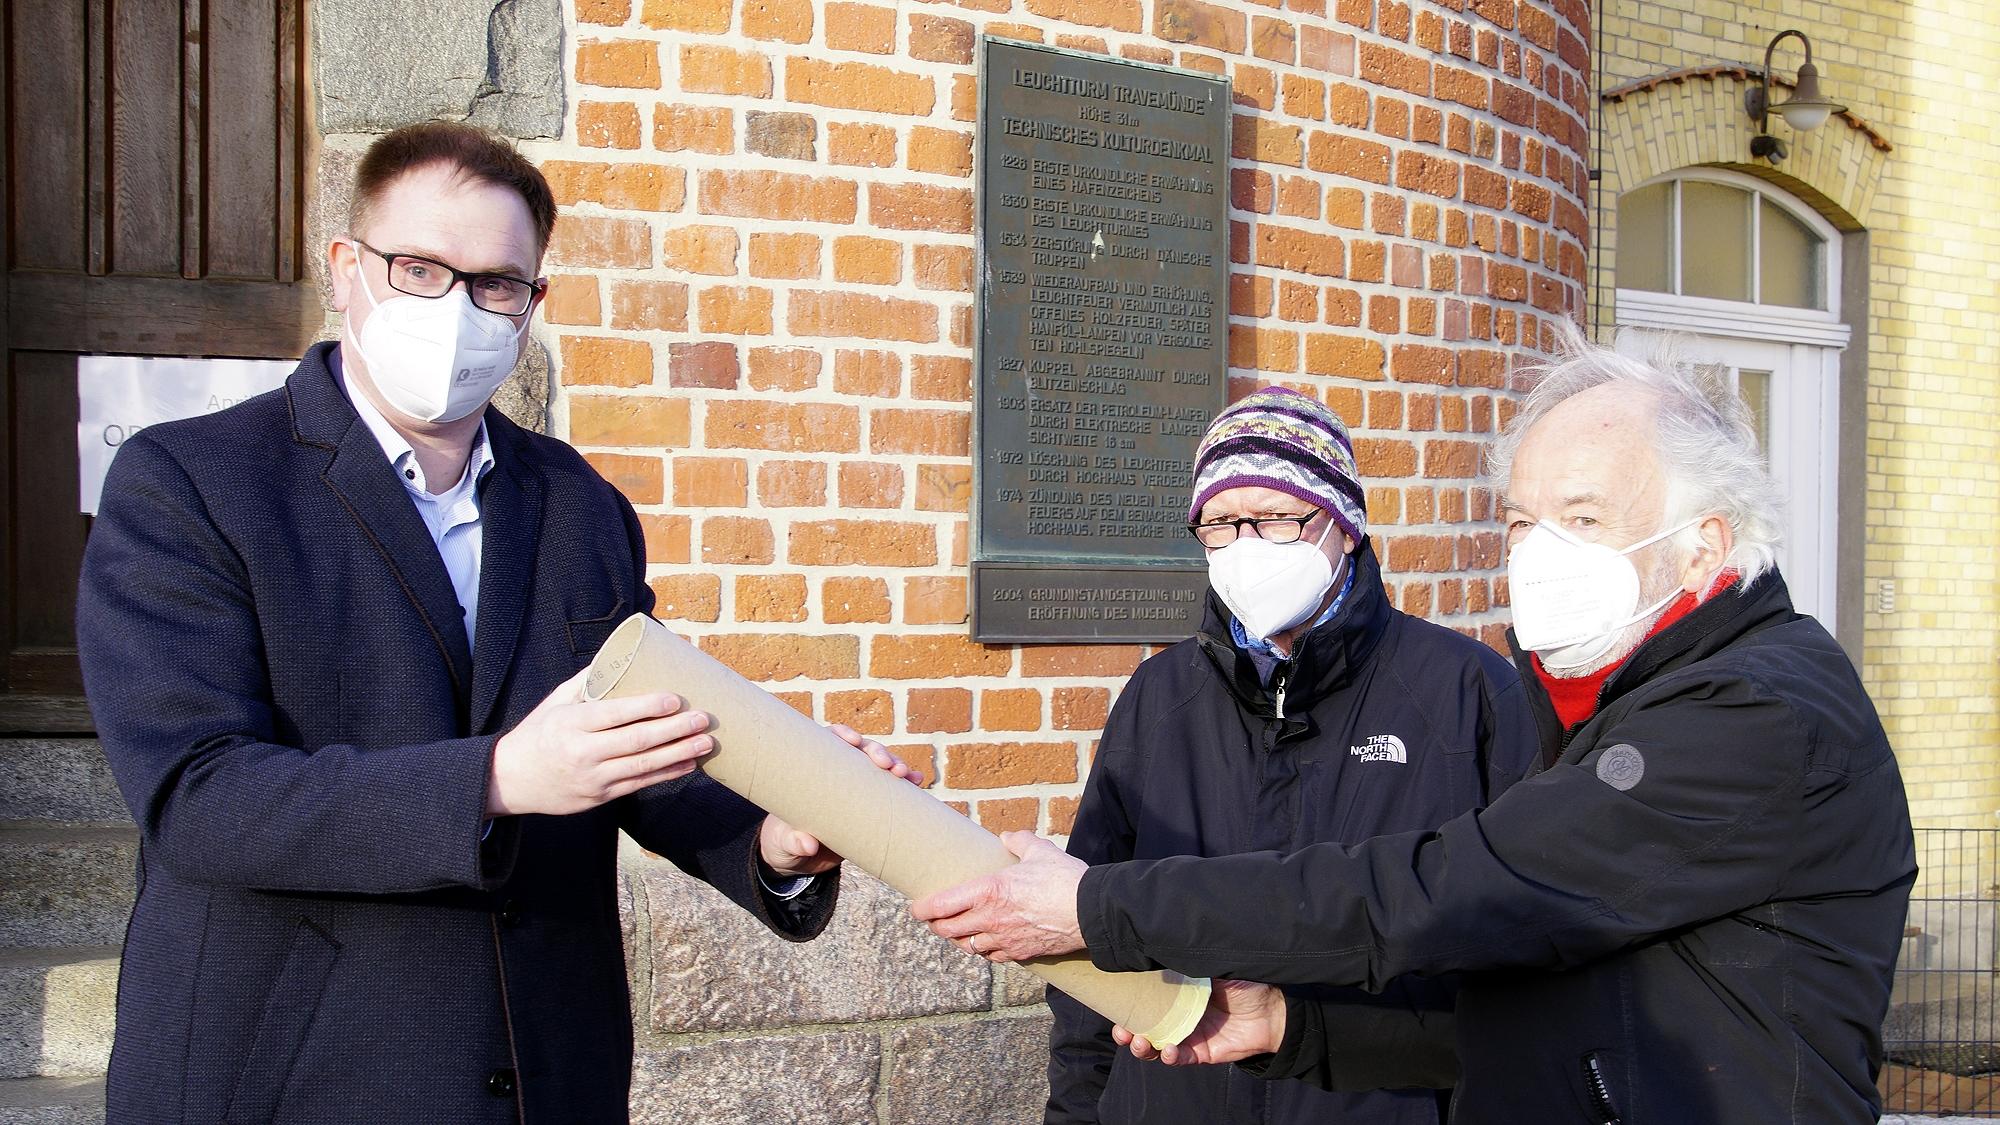 Bürgermeister Jan Lindenau, Klaus Splieth und Jörn Wessel bei der Übergabe © TraveMedia